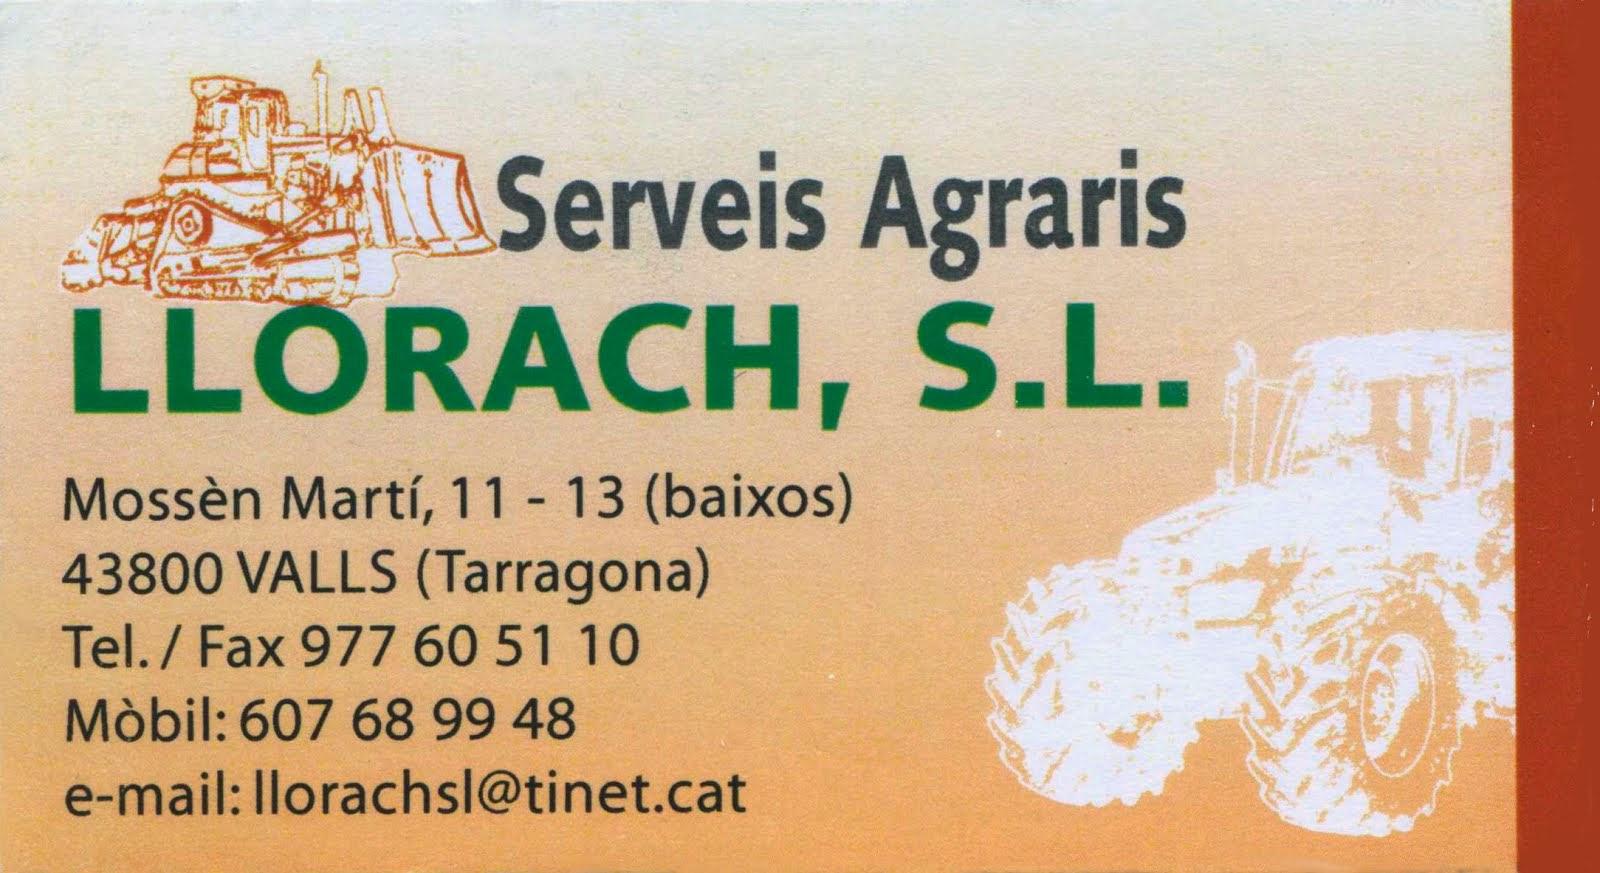 LLORACH SERVEIS